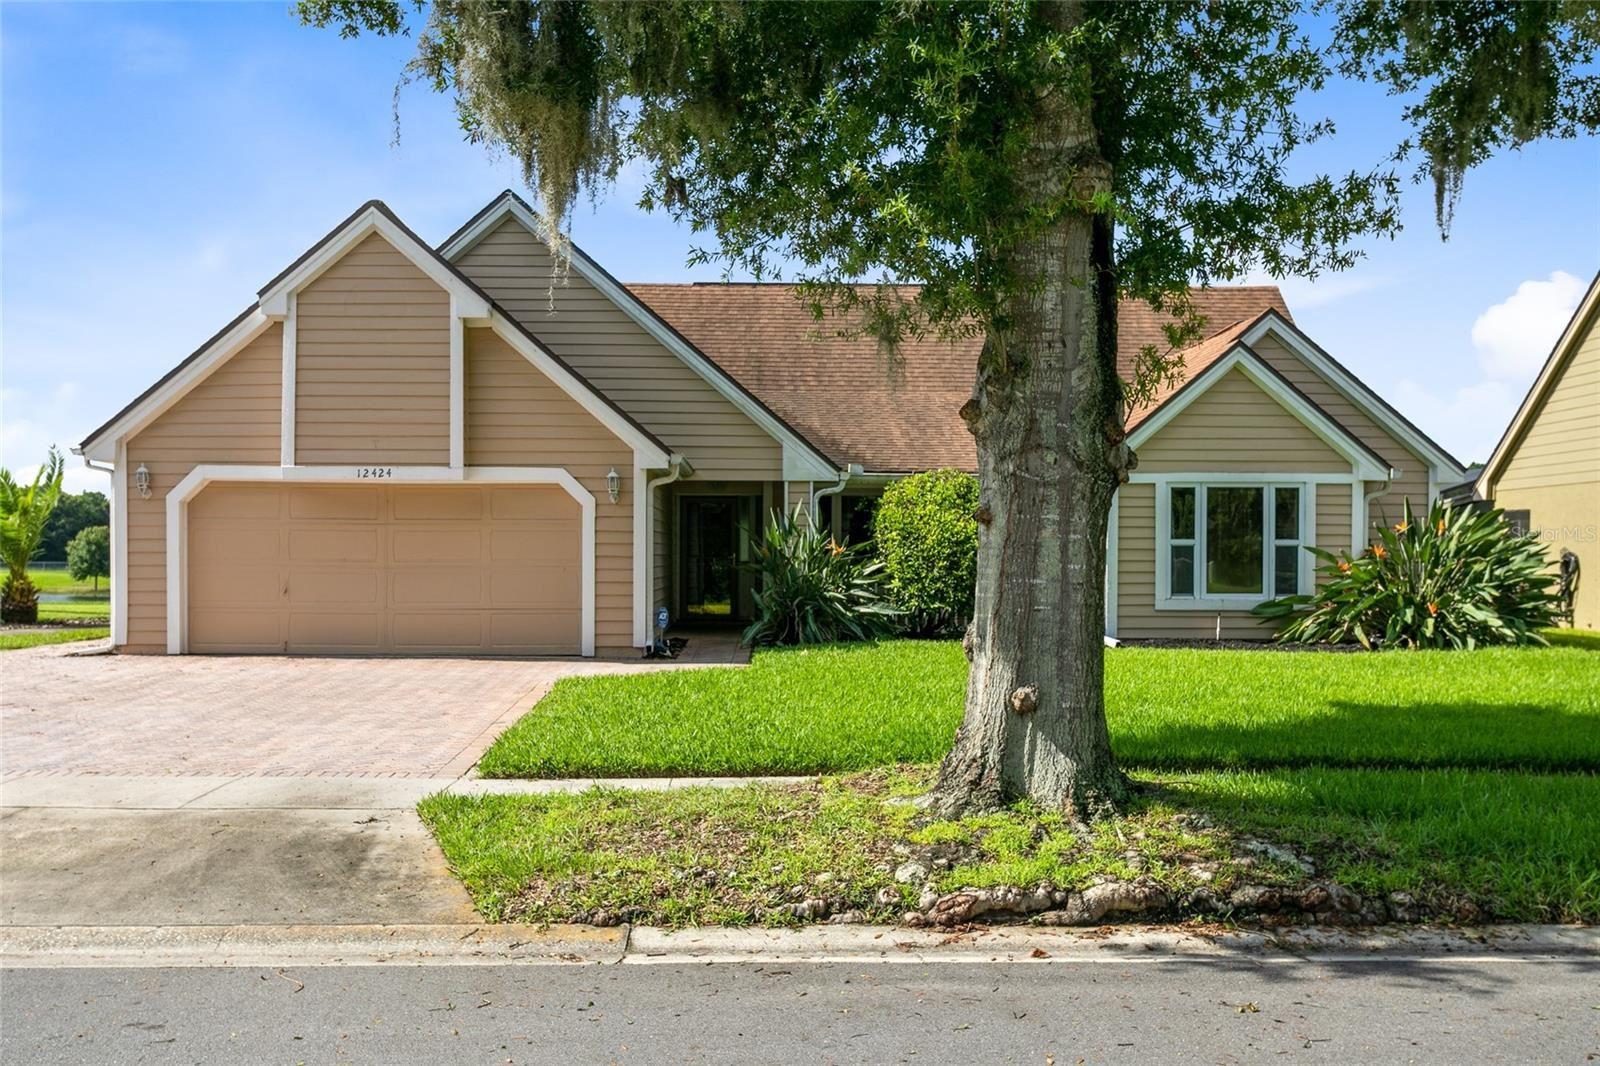 12424 HARNEY DRIVE, Orlando, FL 32828 - MLS#: O5958645